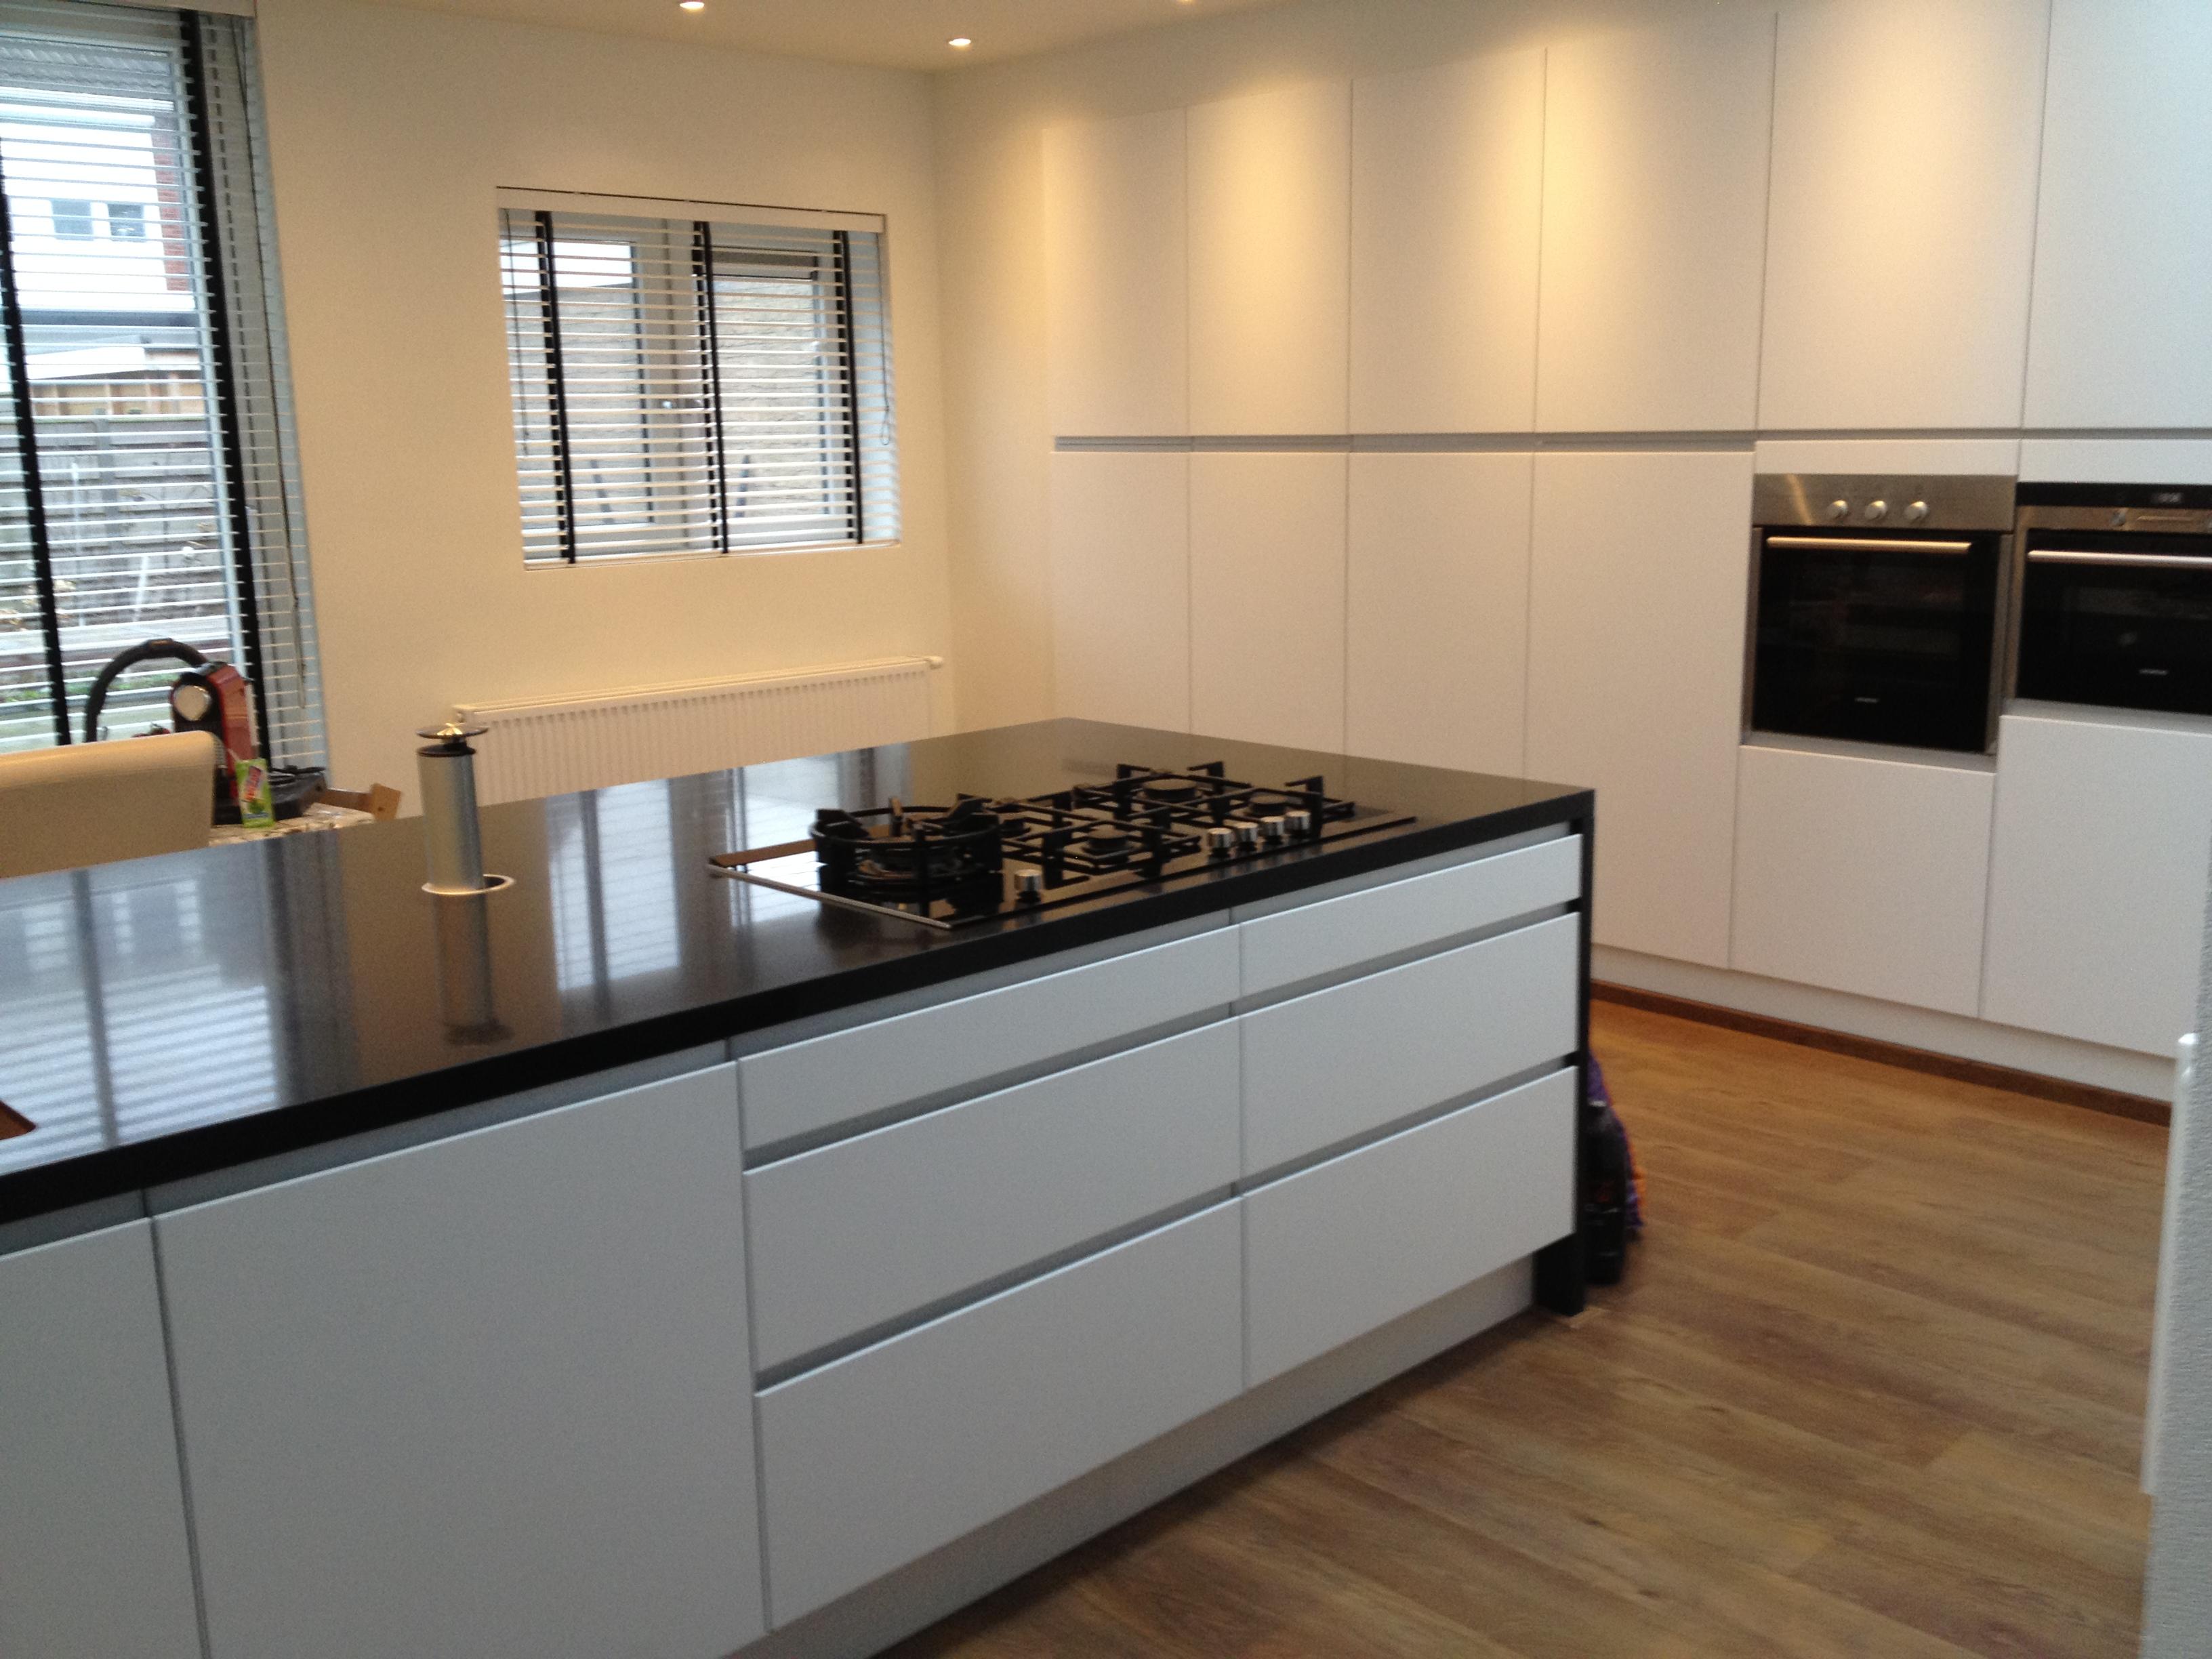 Bedwelming Beroemd Voorbeeld Keukens Ikea #SKU66 - AgnesWaMu @DN82